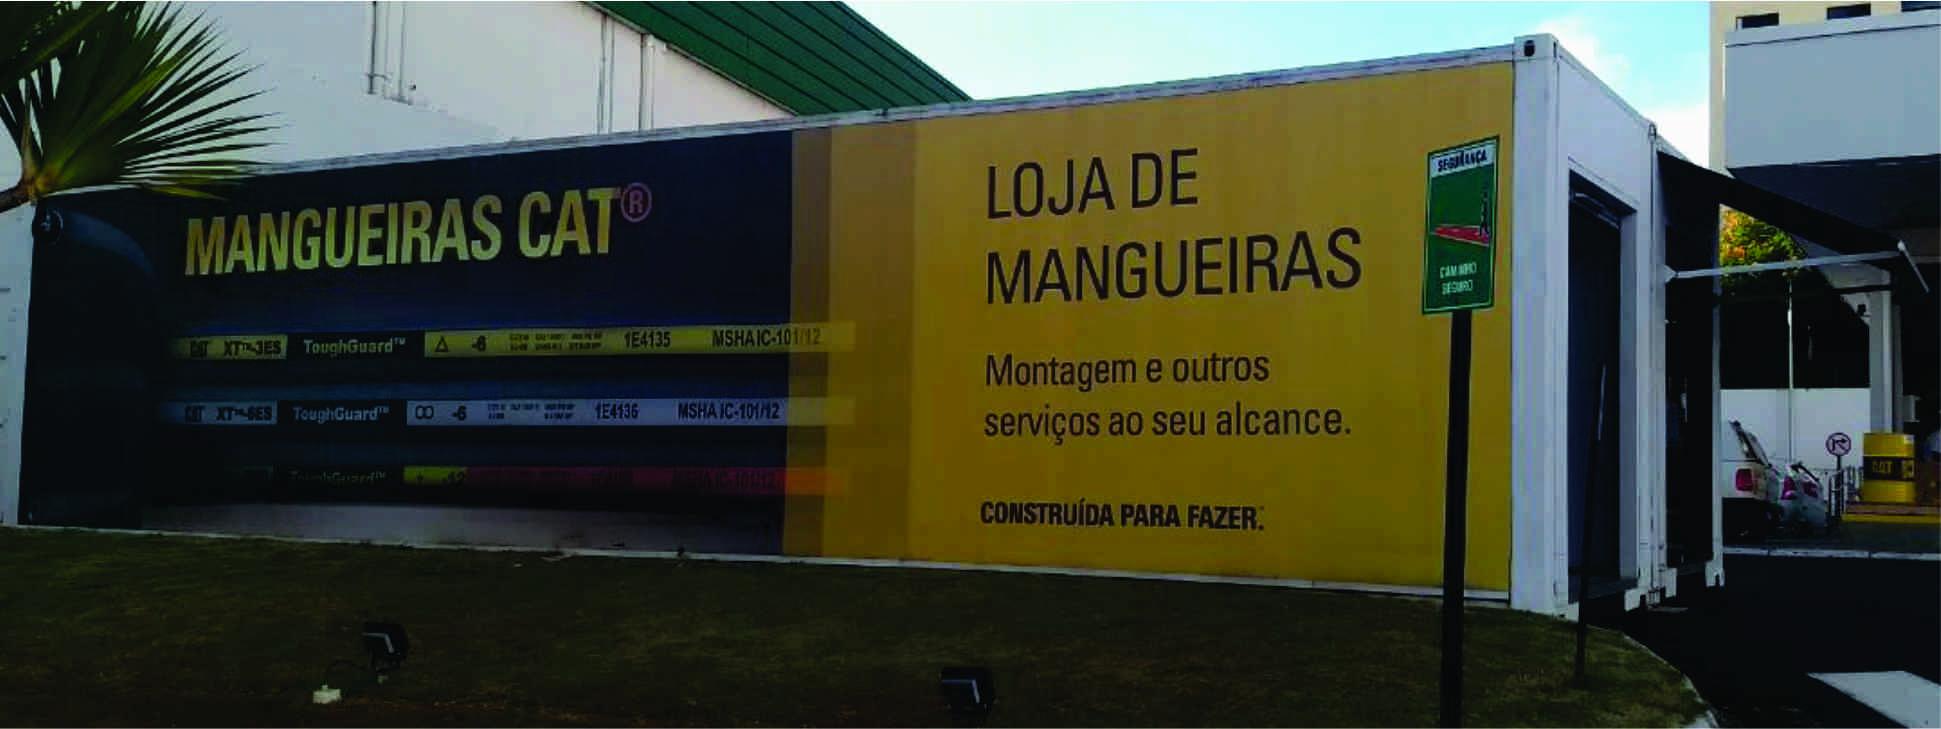 Net Container desenvolve 1ª loja de mangueiras para a Sotreq